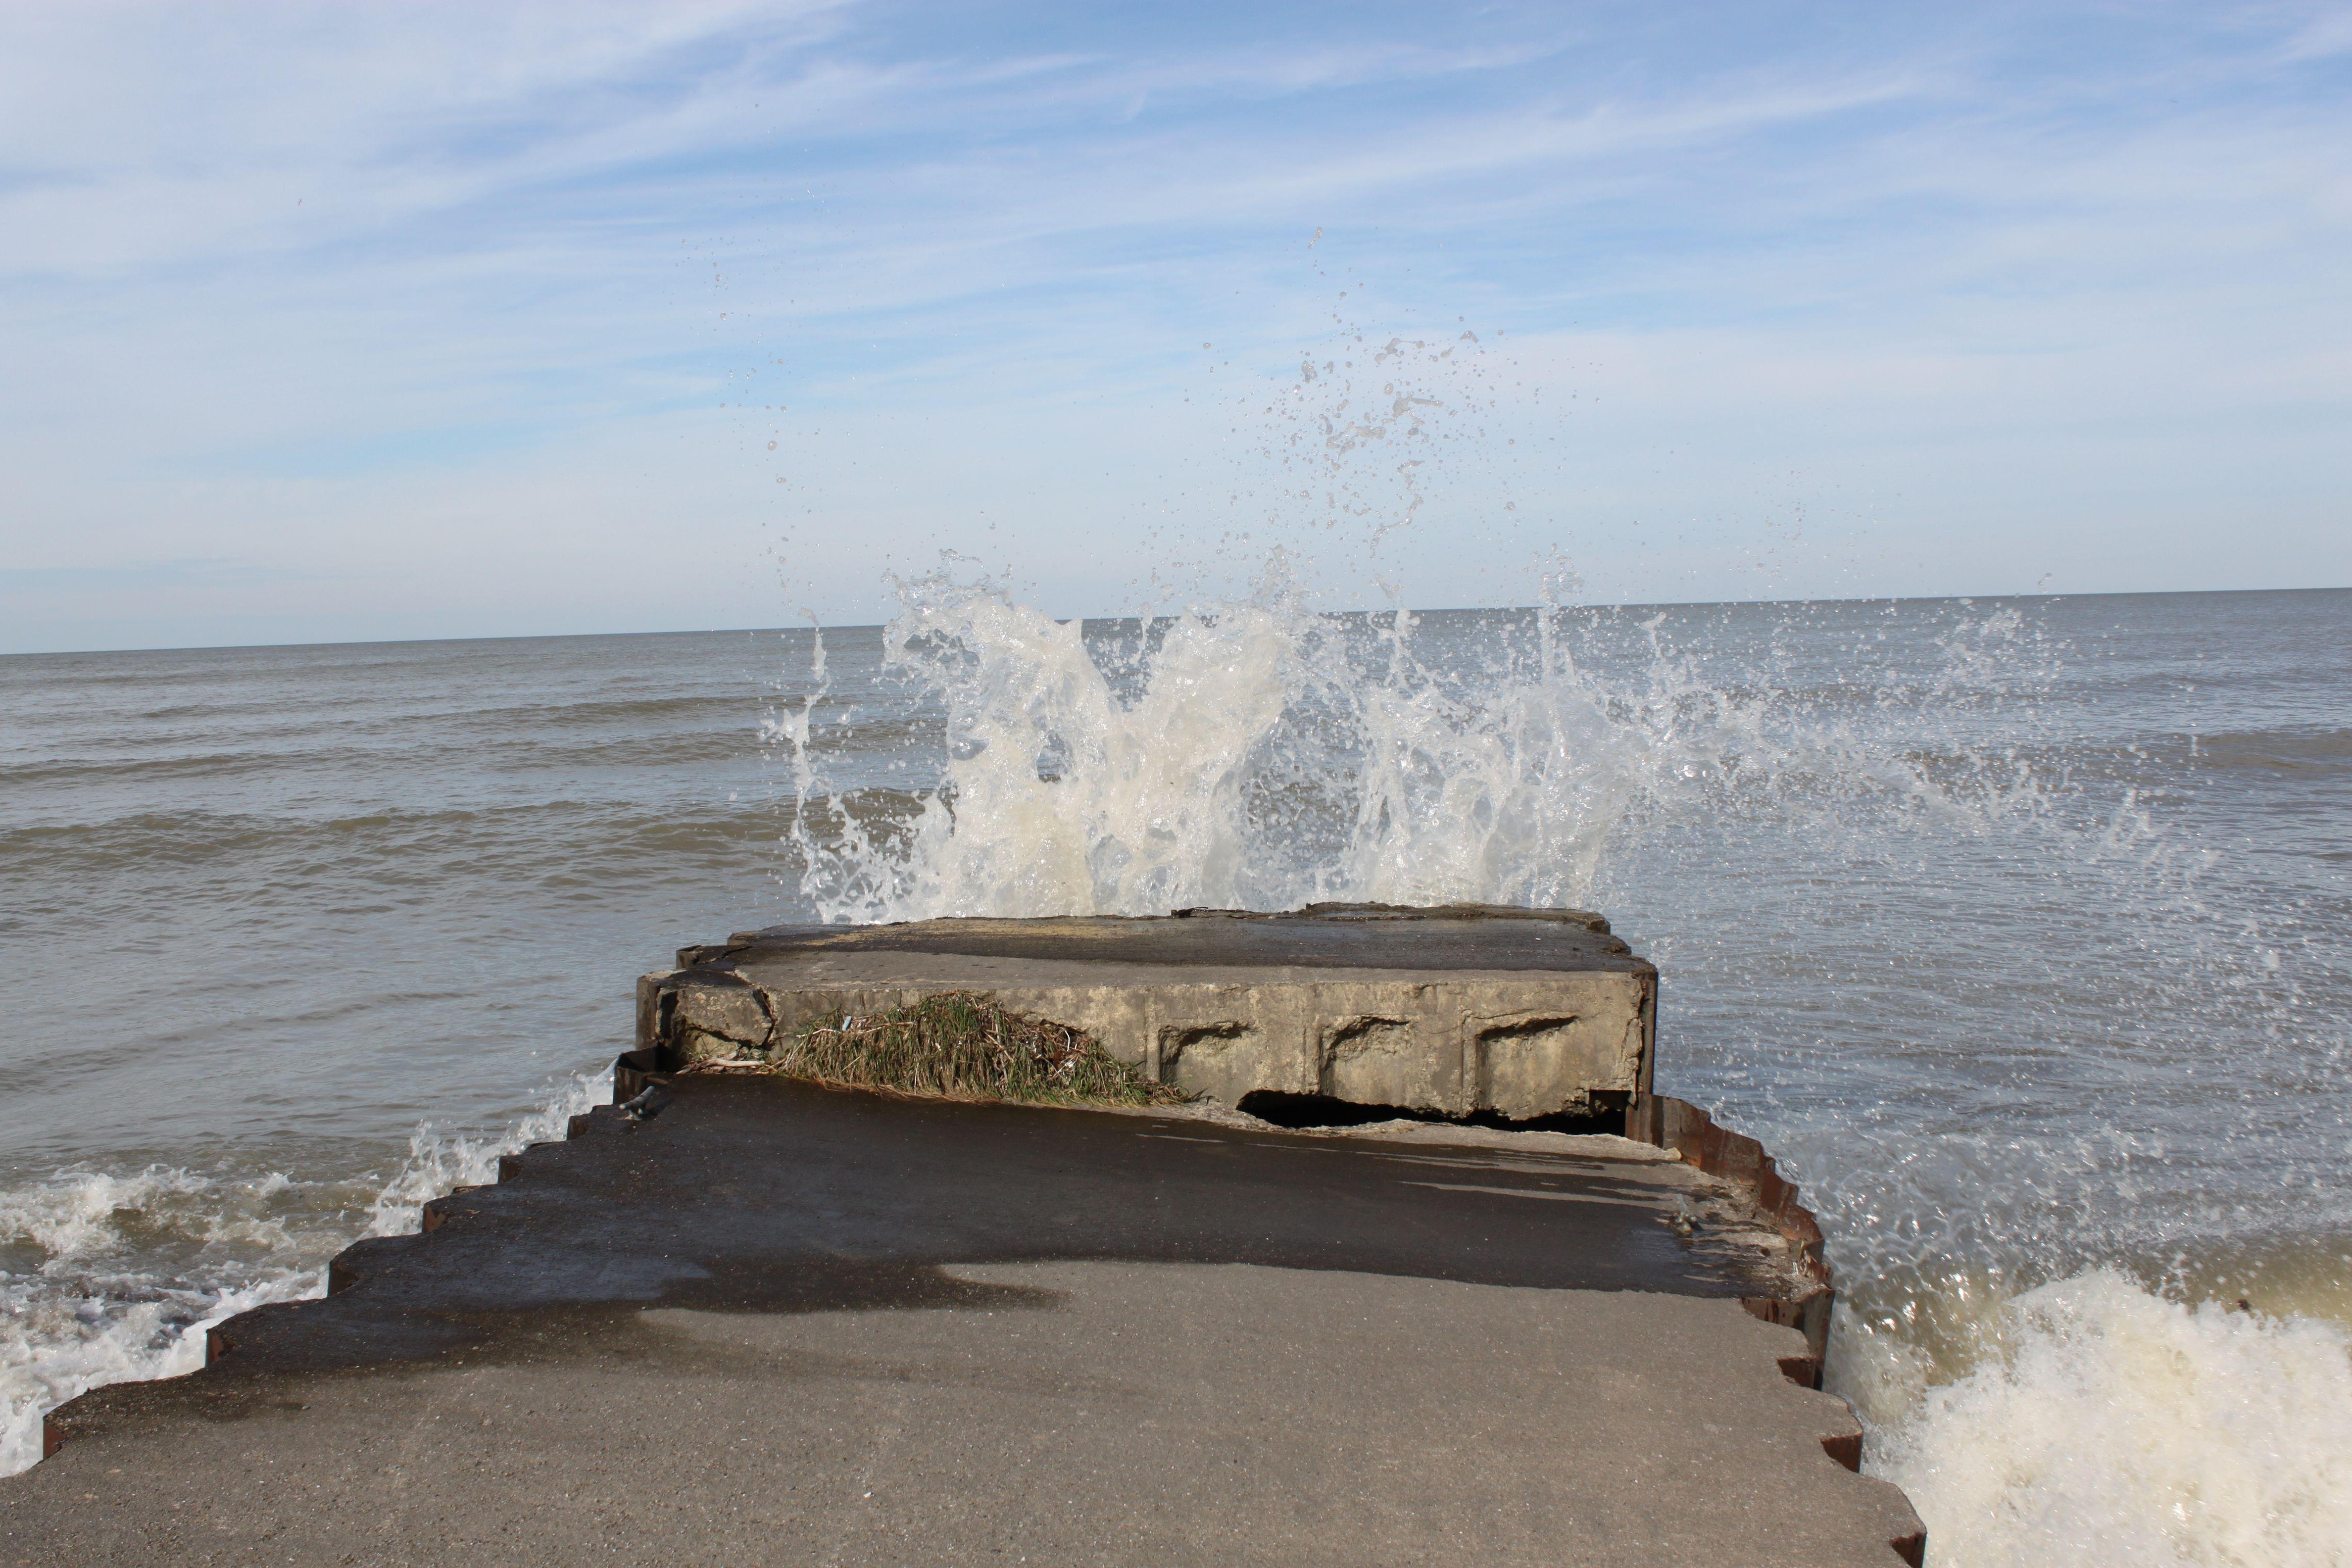 water crashing on pier